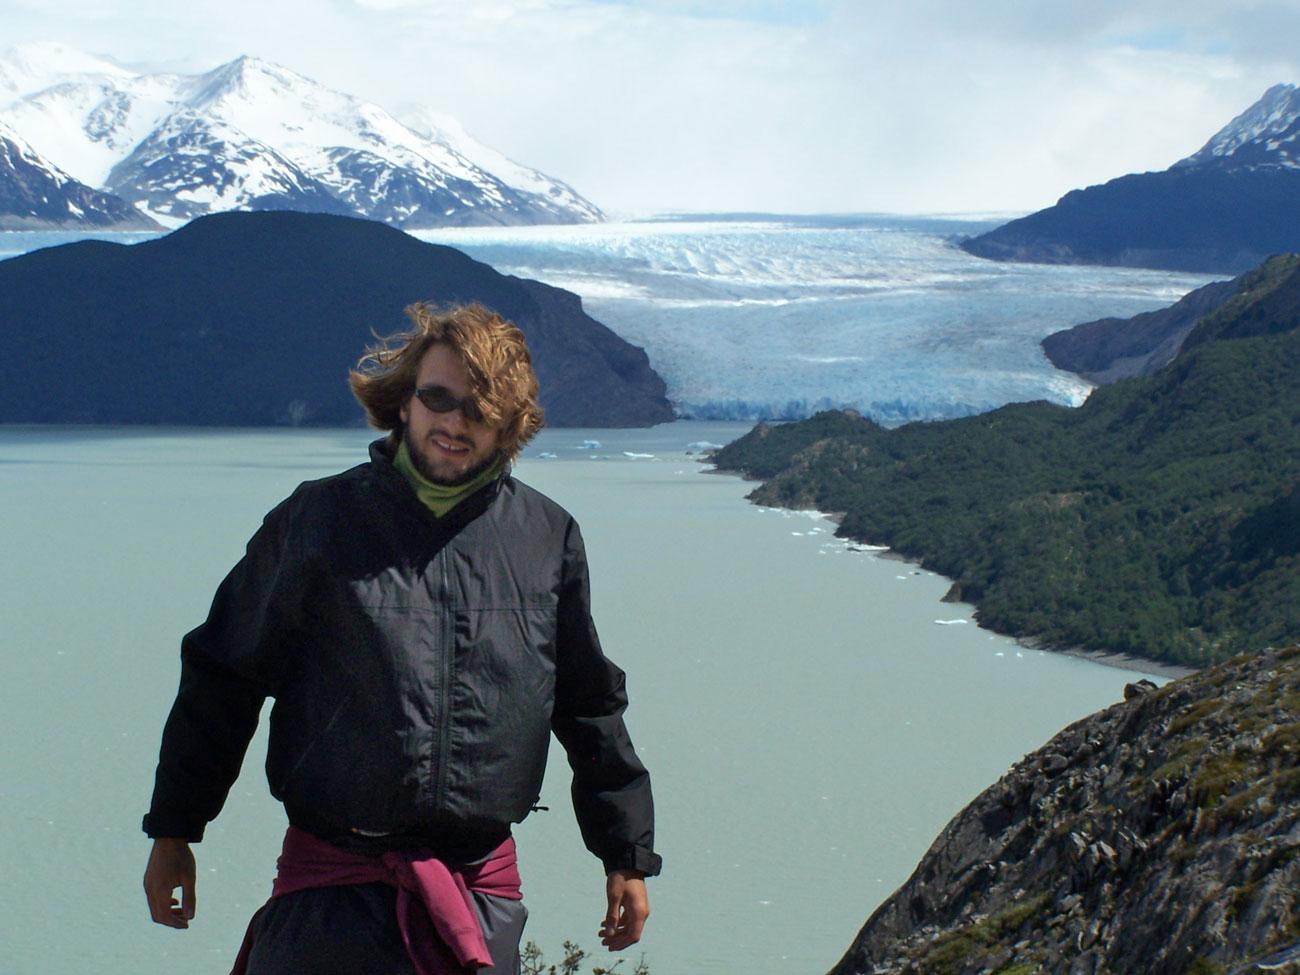 Torres del Paine - Patagonia